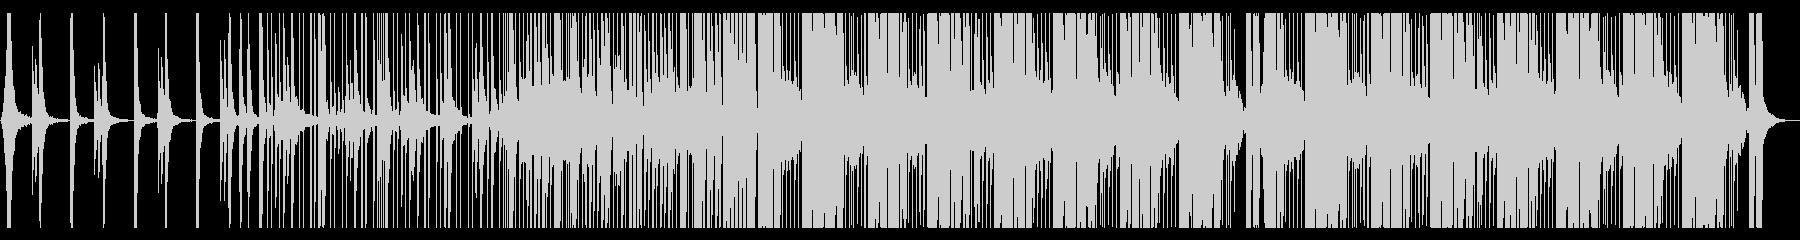 かわいいフューチャーベースNo386_3の未再生の波形